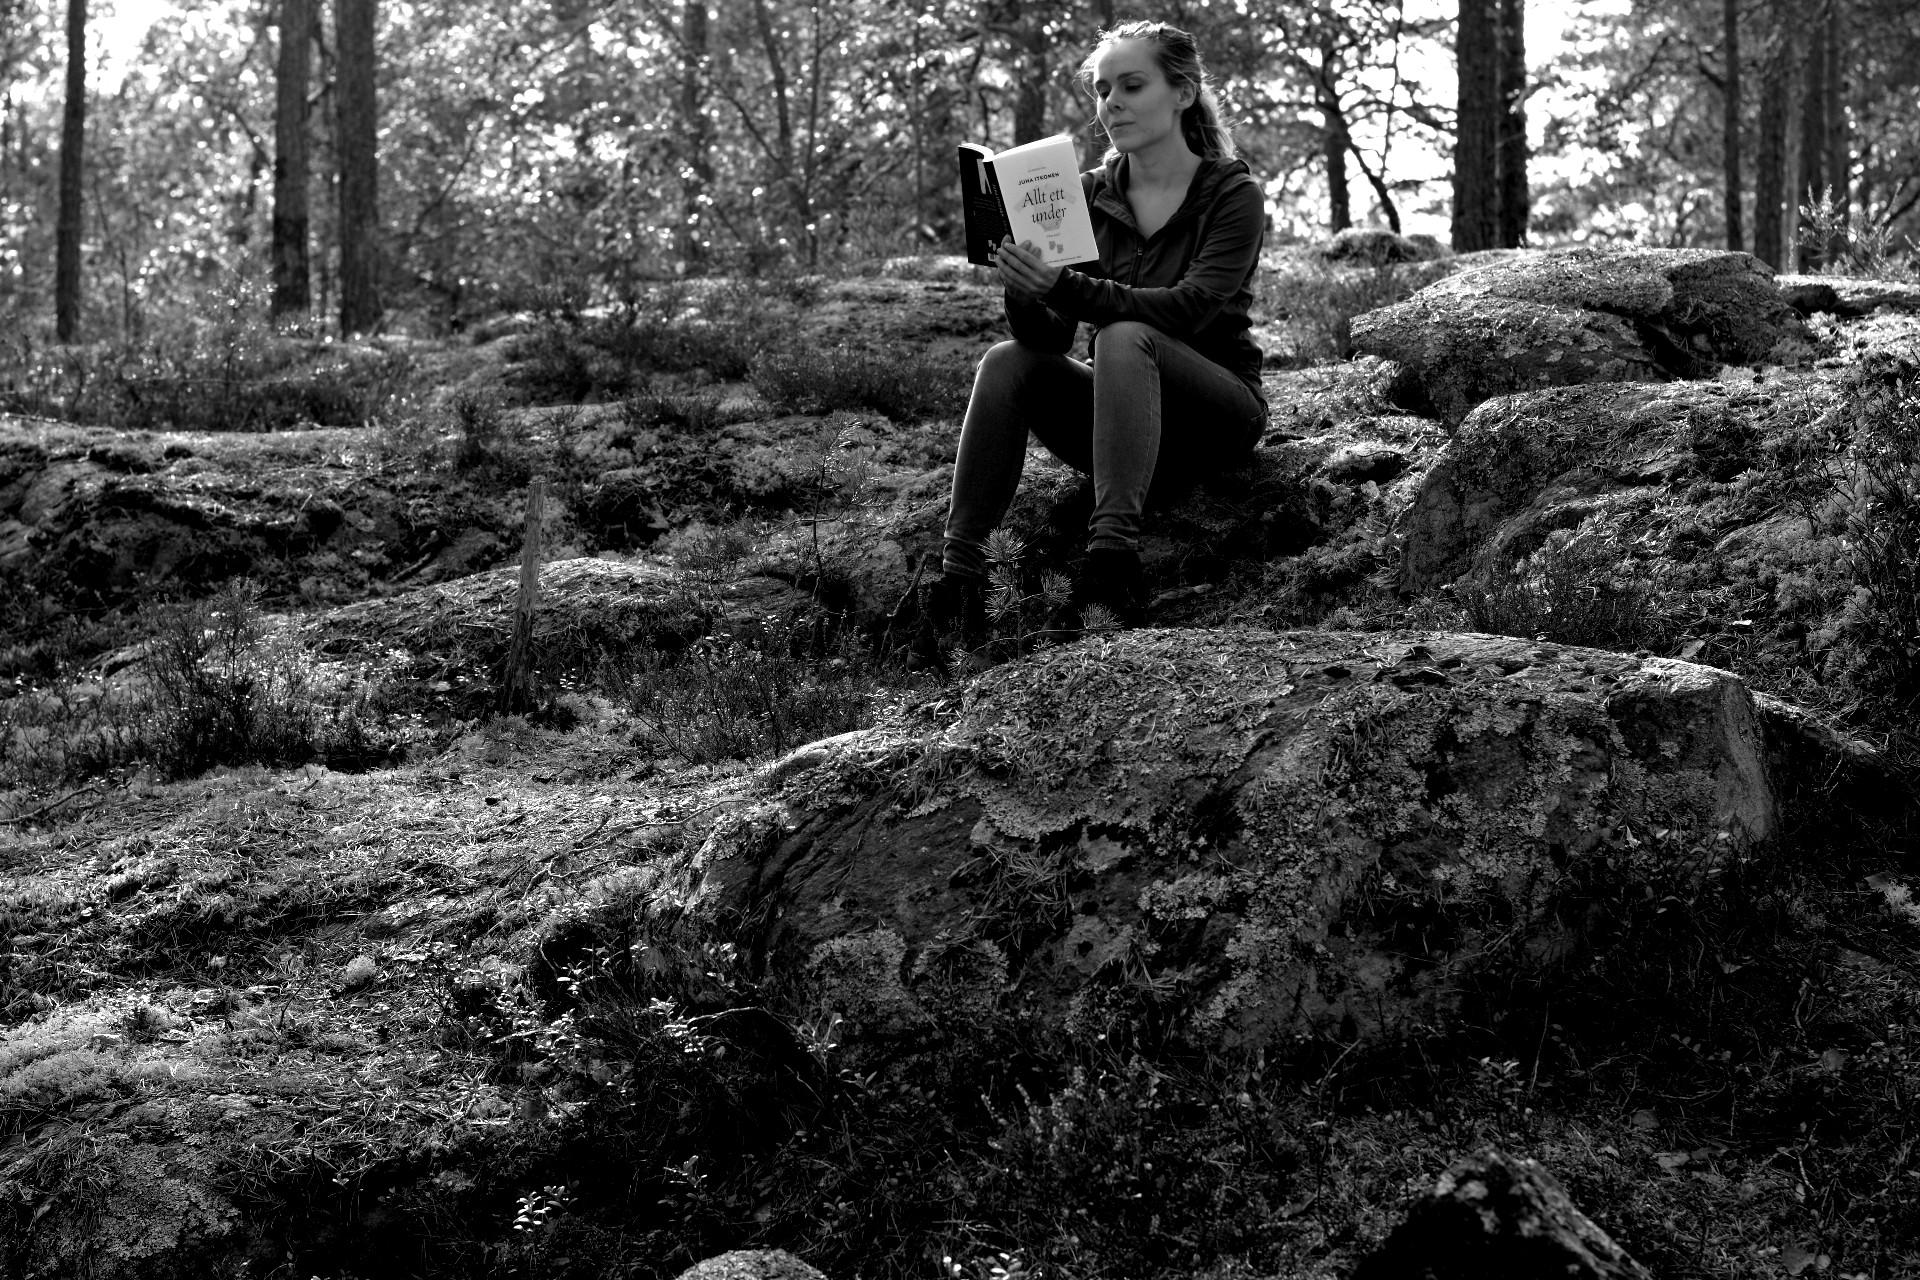 Kvinna i skogen i svartvitt